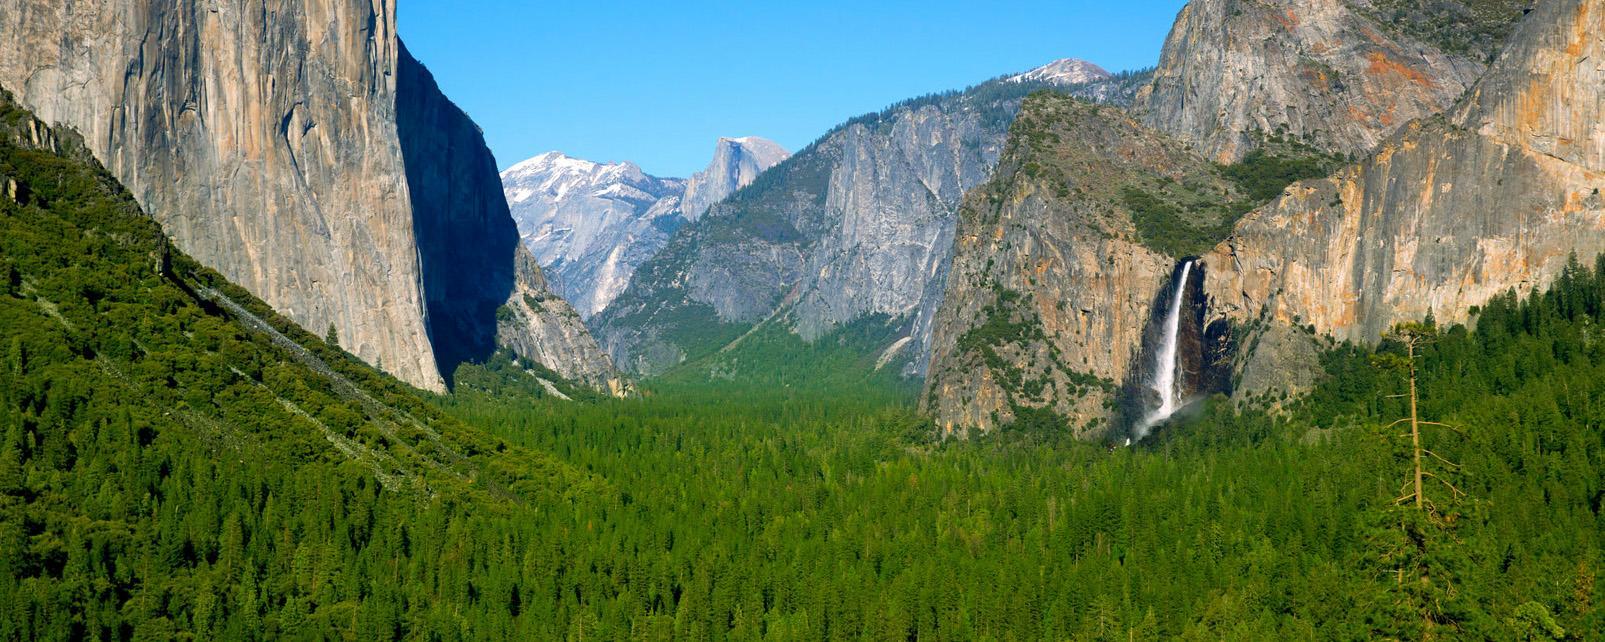 Amérique, Amérique du Nord, Californie, etats-unis, USA, amérique, amérique du nord, yosemite, parc national, montagne, cascade, forêt, arbre, ciel,